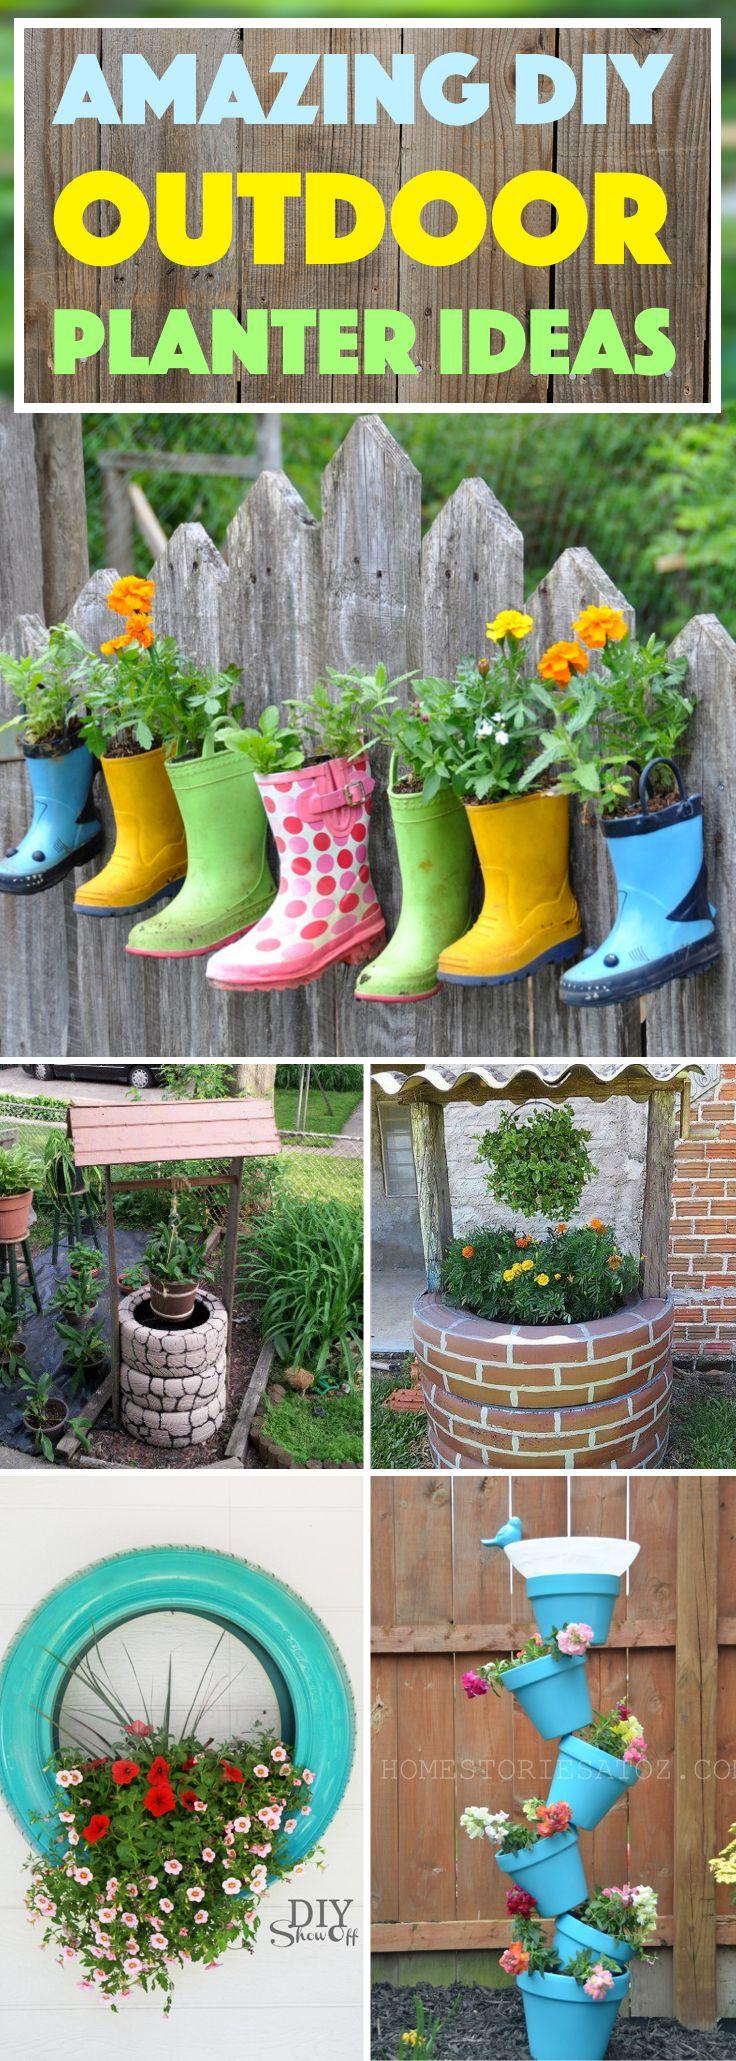 20 Amazing DIY Outdoor Planter Ideas To Make Your Garden Wonderful #diy #outdoor #planter #ideas #backyard #garden